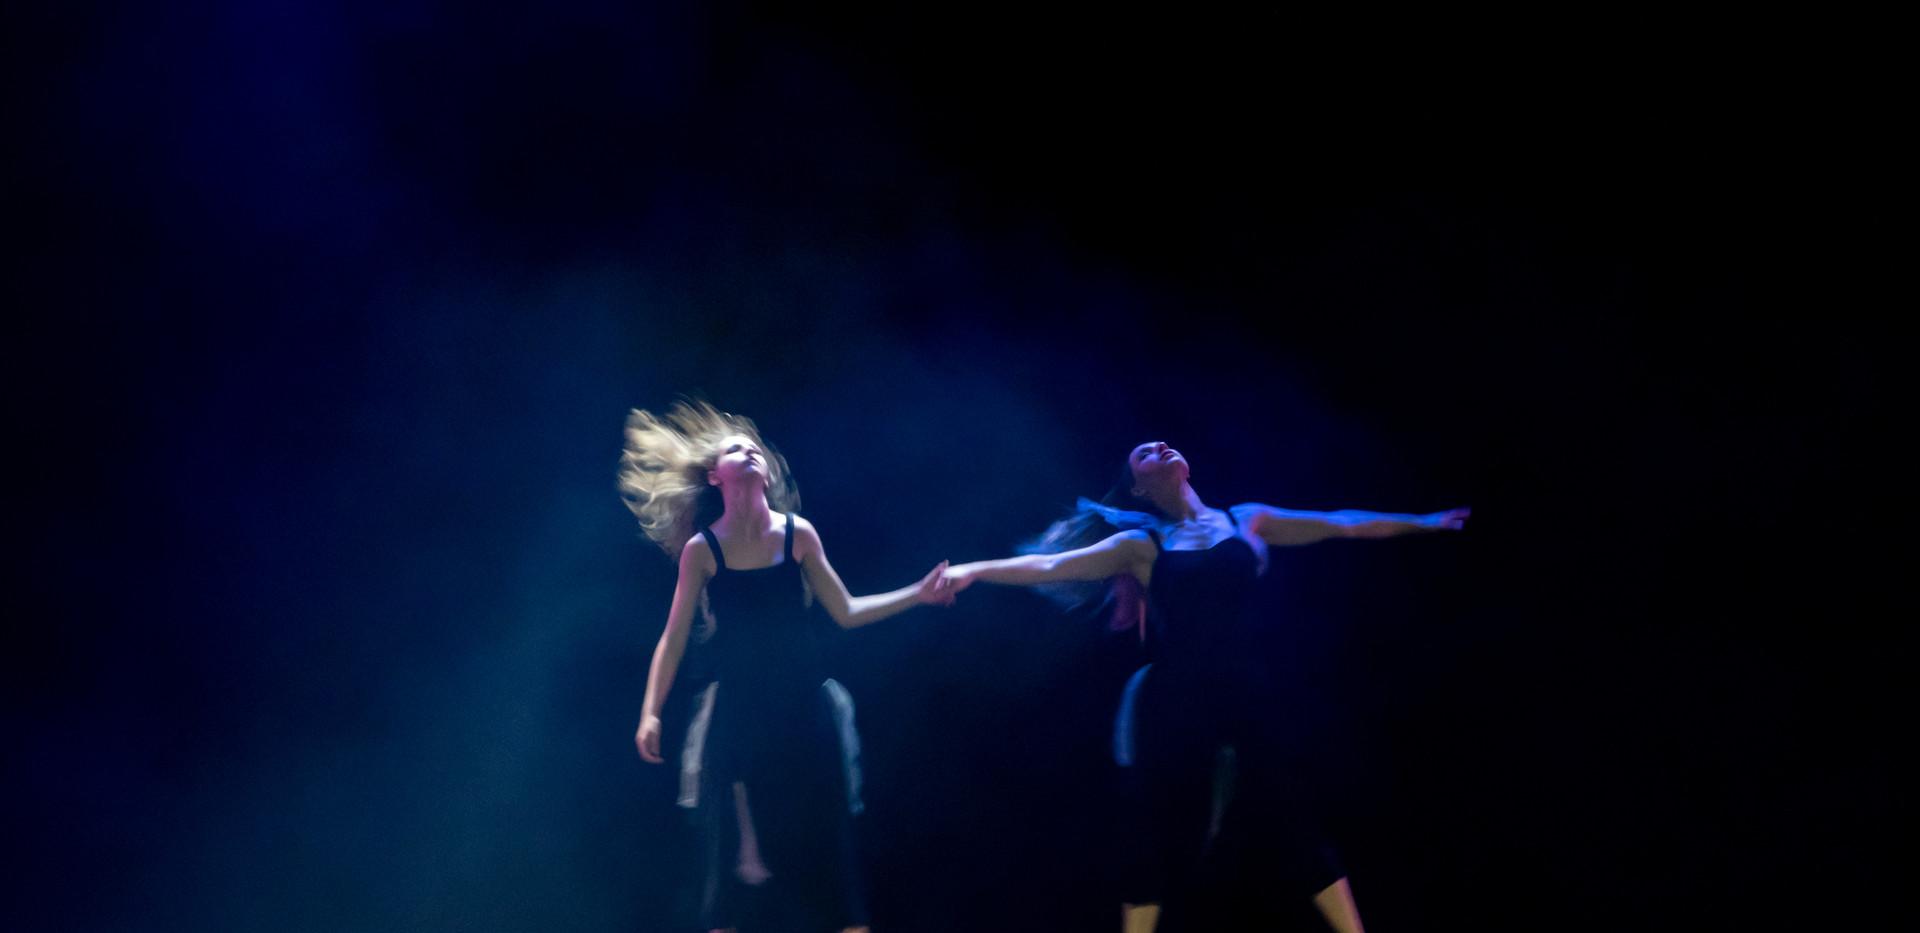 Gala_de_danse-7.jpg